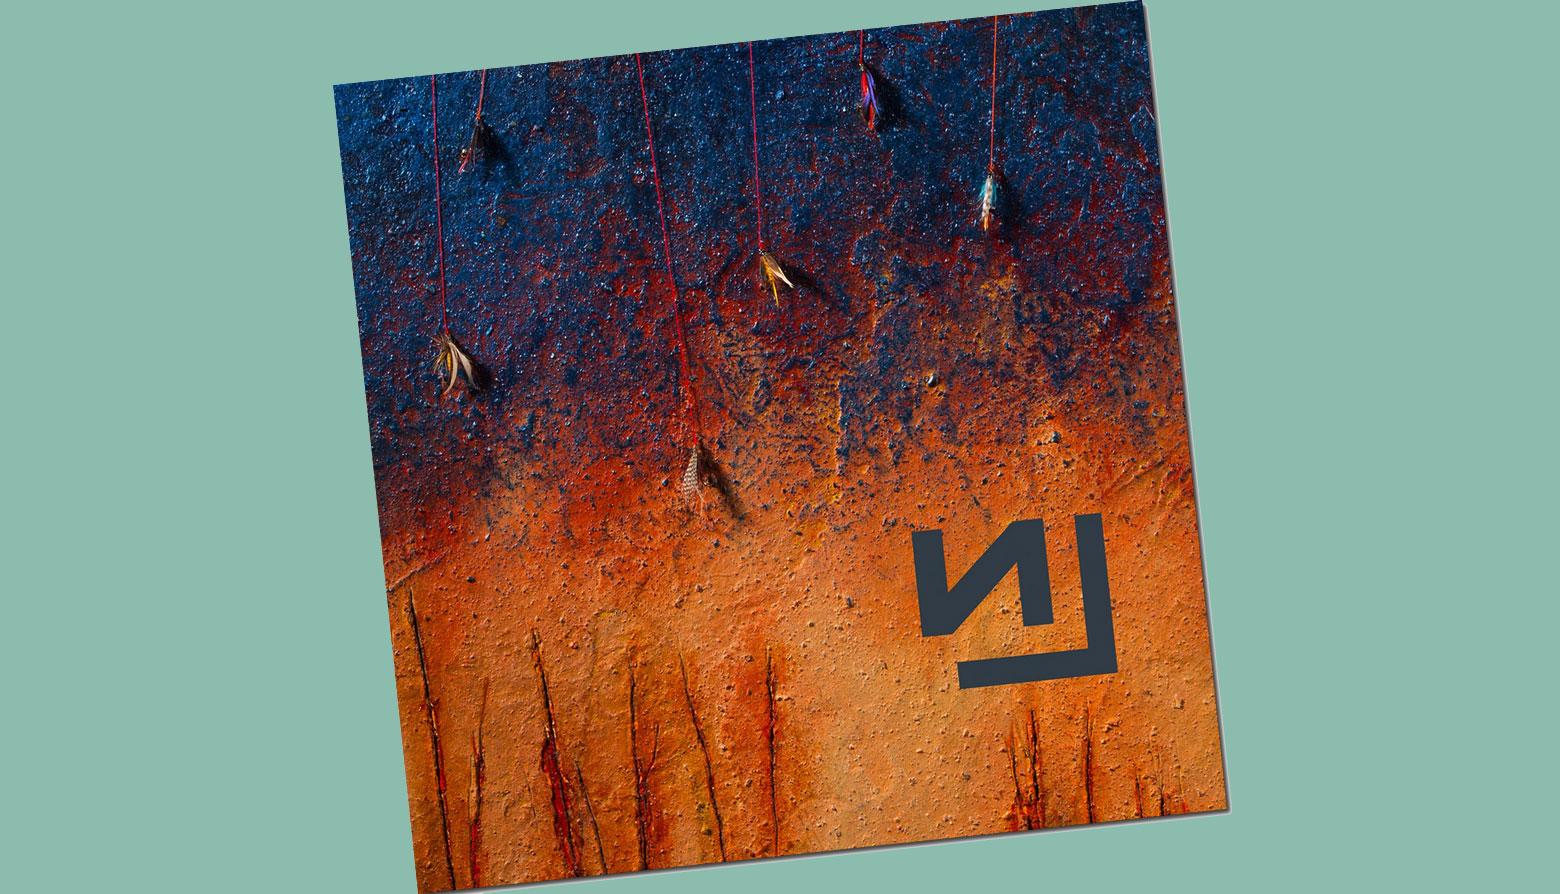 20130611083256!Nine_Inch_Nails_-_Hesitation_Marks